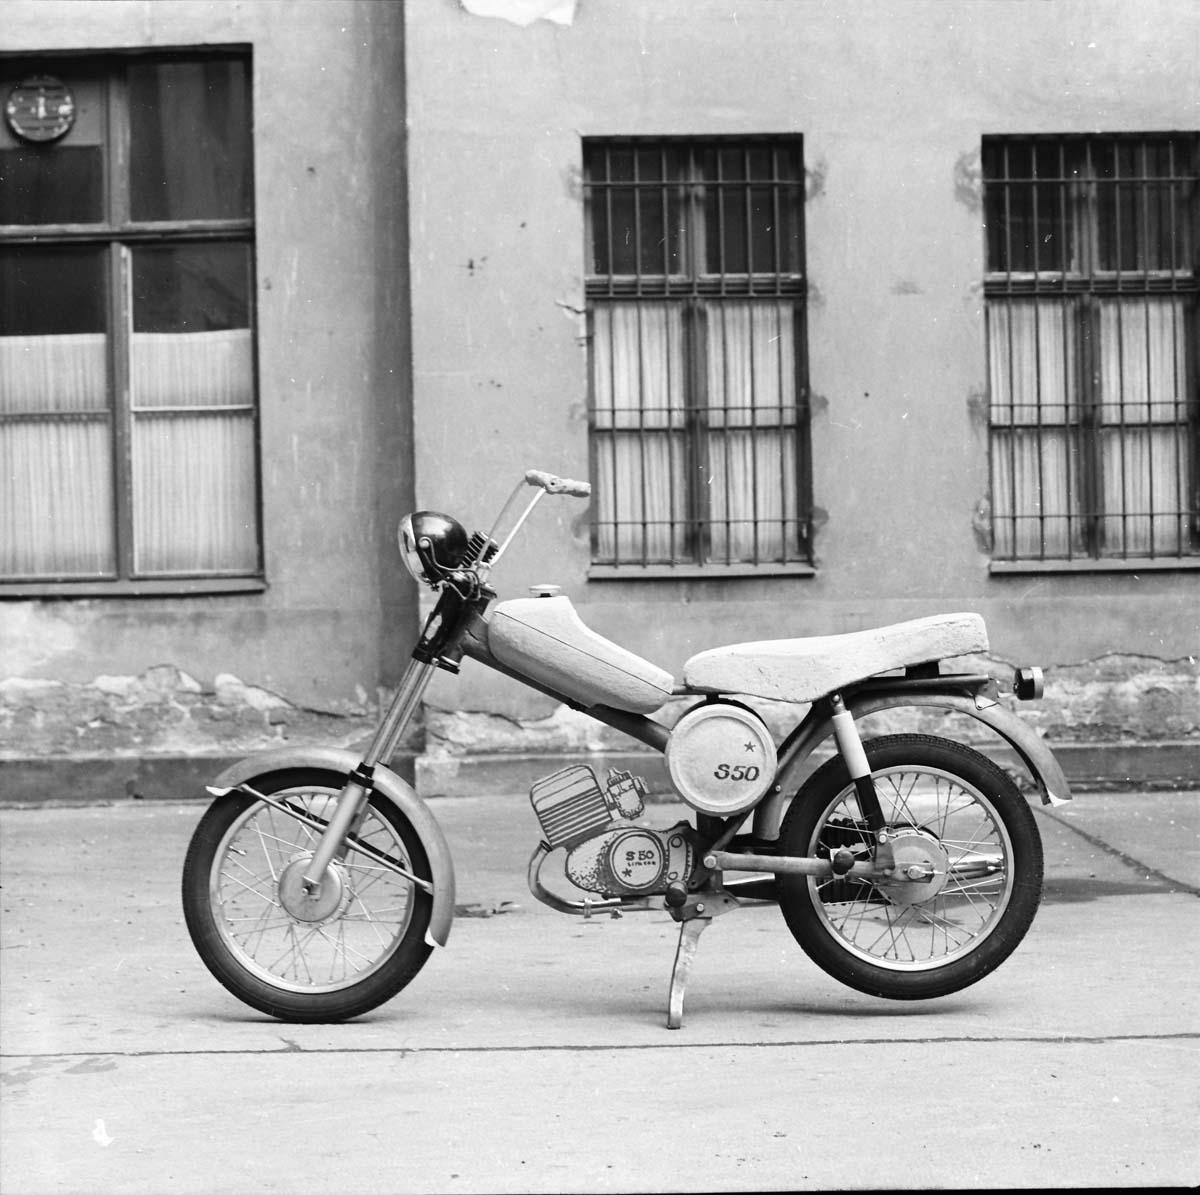 Entwurfsmodell für den S50 stehend auf dem Hof des Ateliers von Lutz Rudolph in Berlin am Helmholtzplatz in Prenzlauer Berg in den 60er Jahren; man beachte den Motorblock.